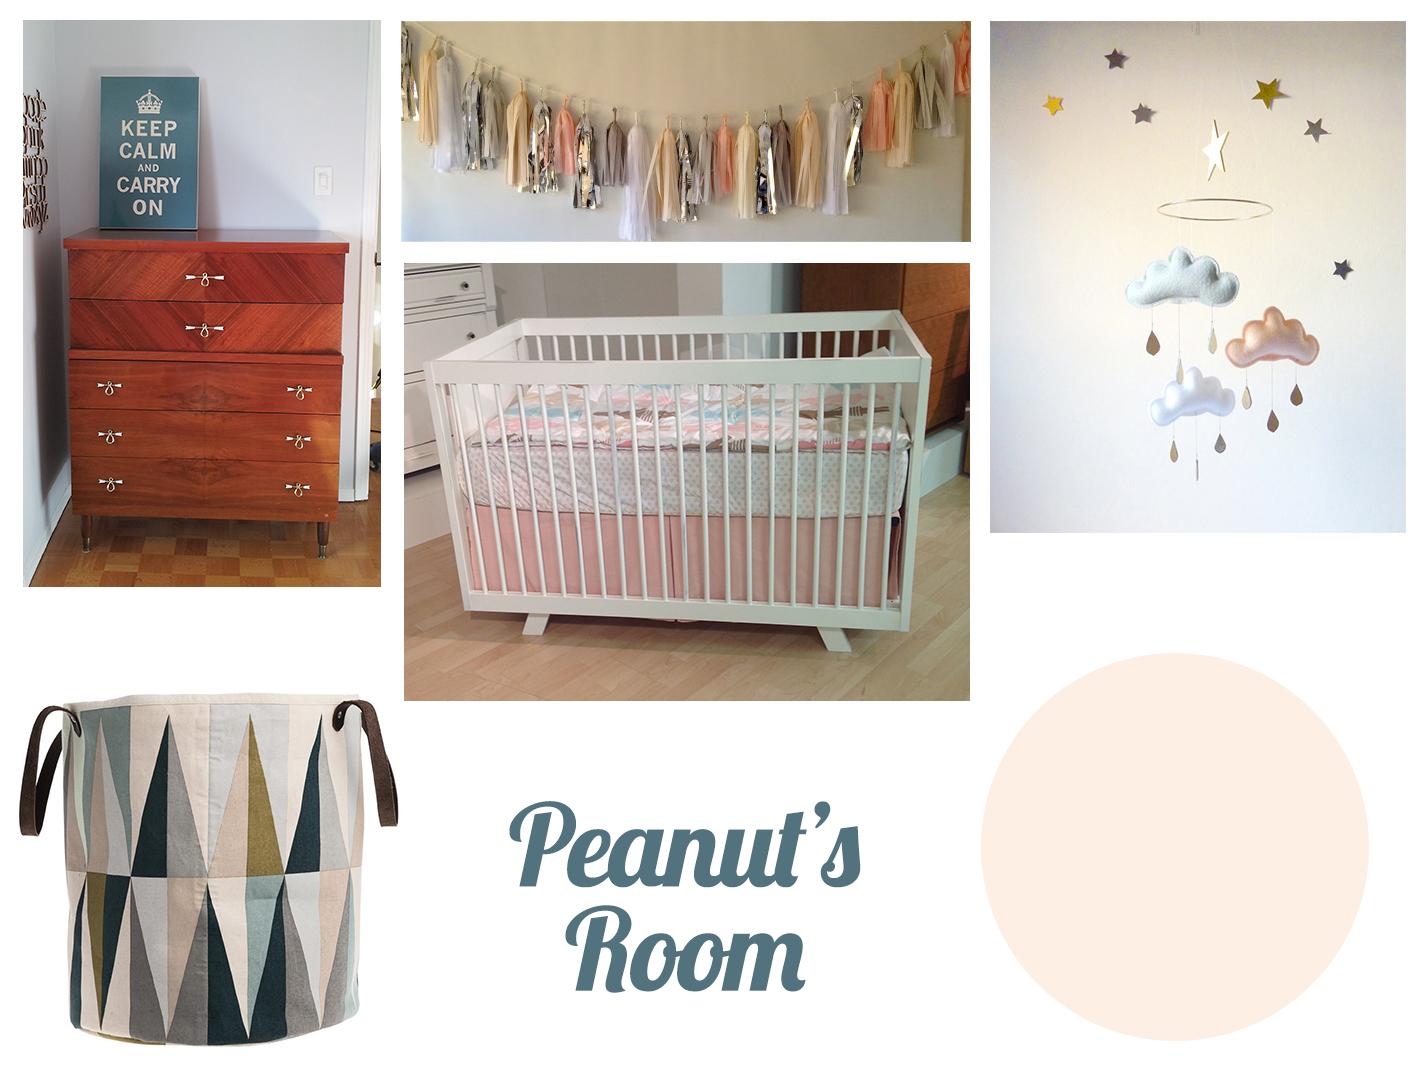 Peanut's Nursery